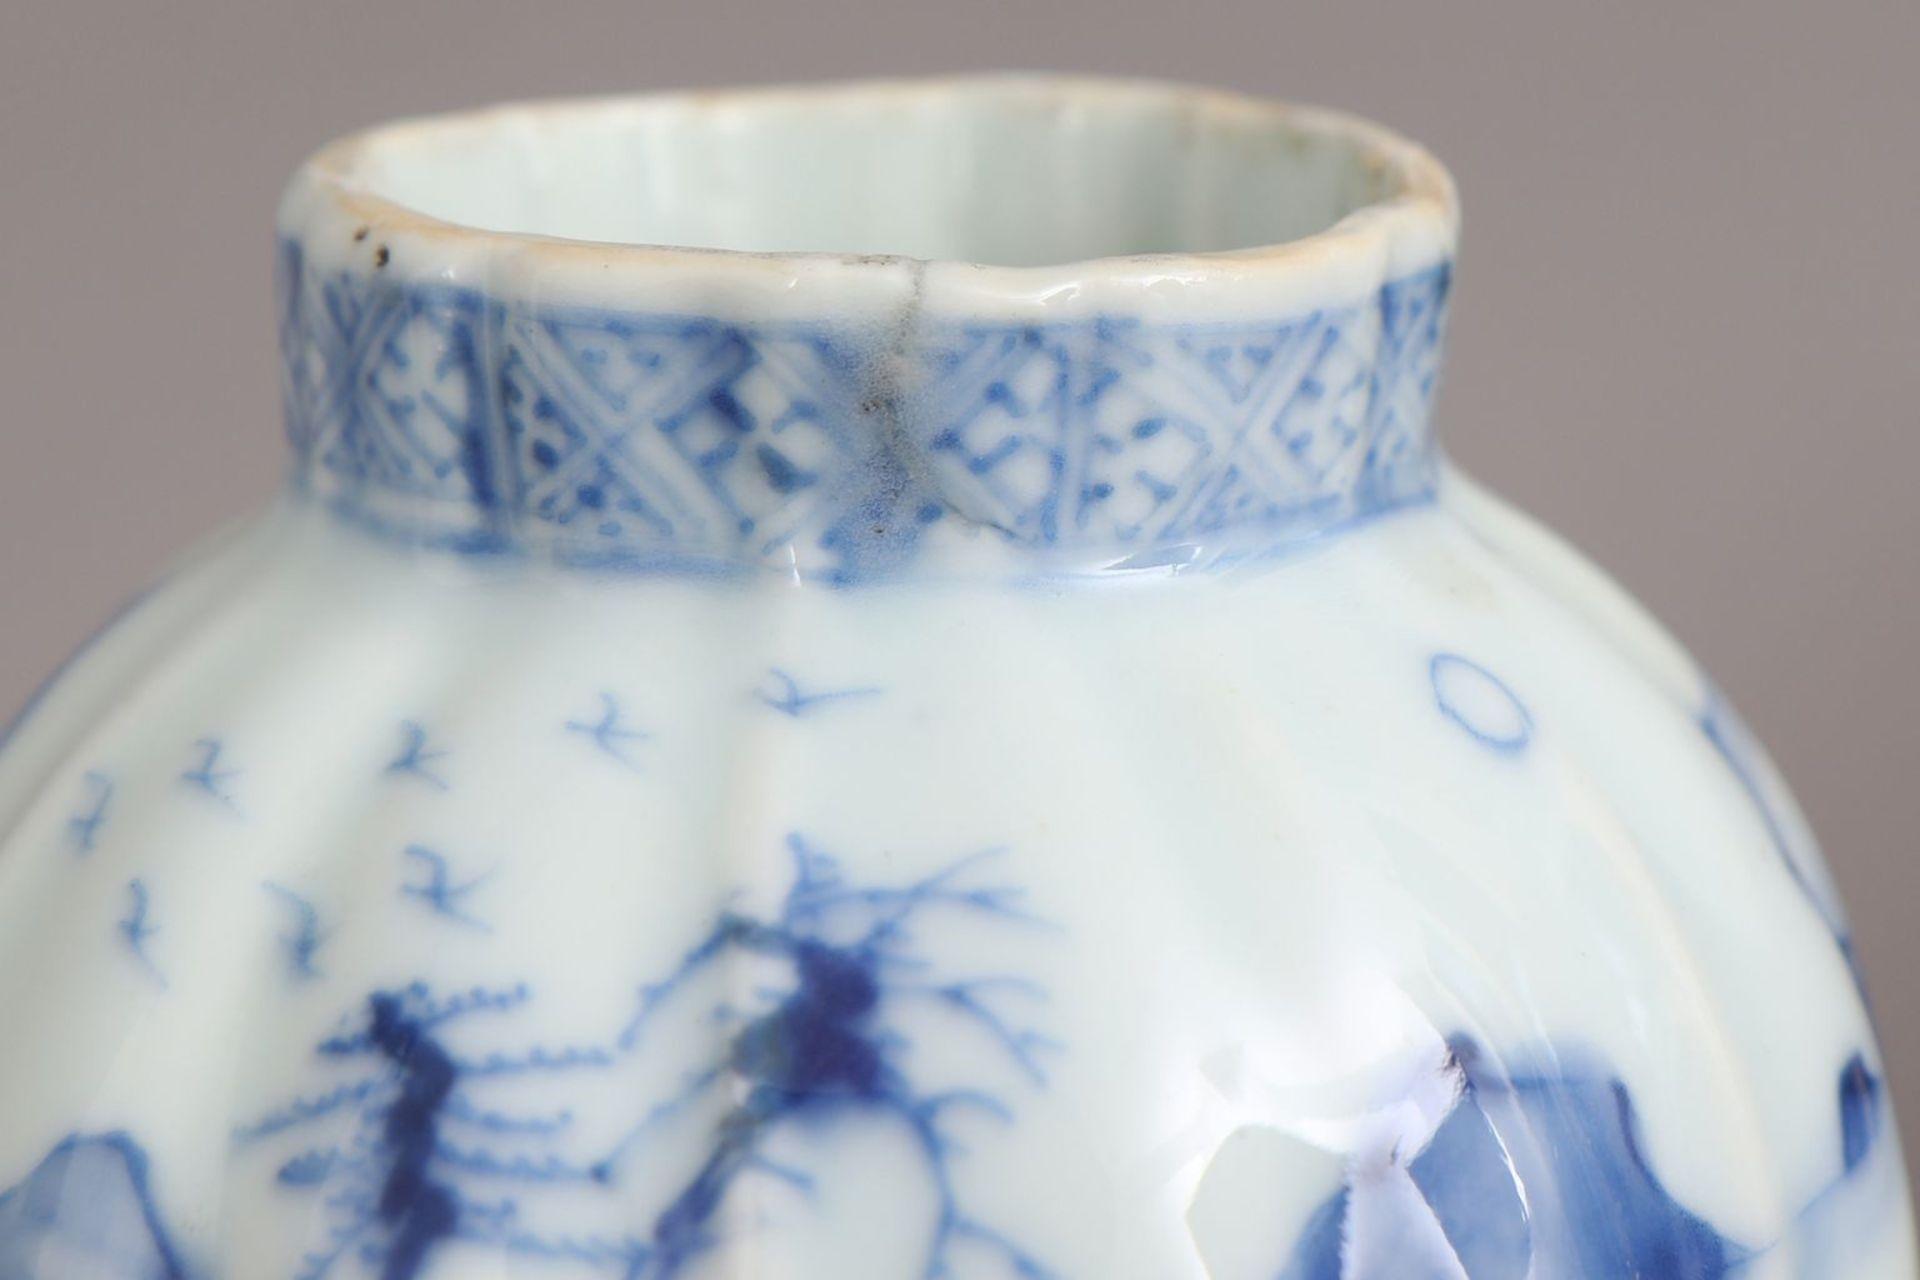 Chinesisches Vasengefäß mit Blaumalerei - Bild 5 aus 5